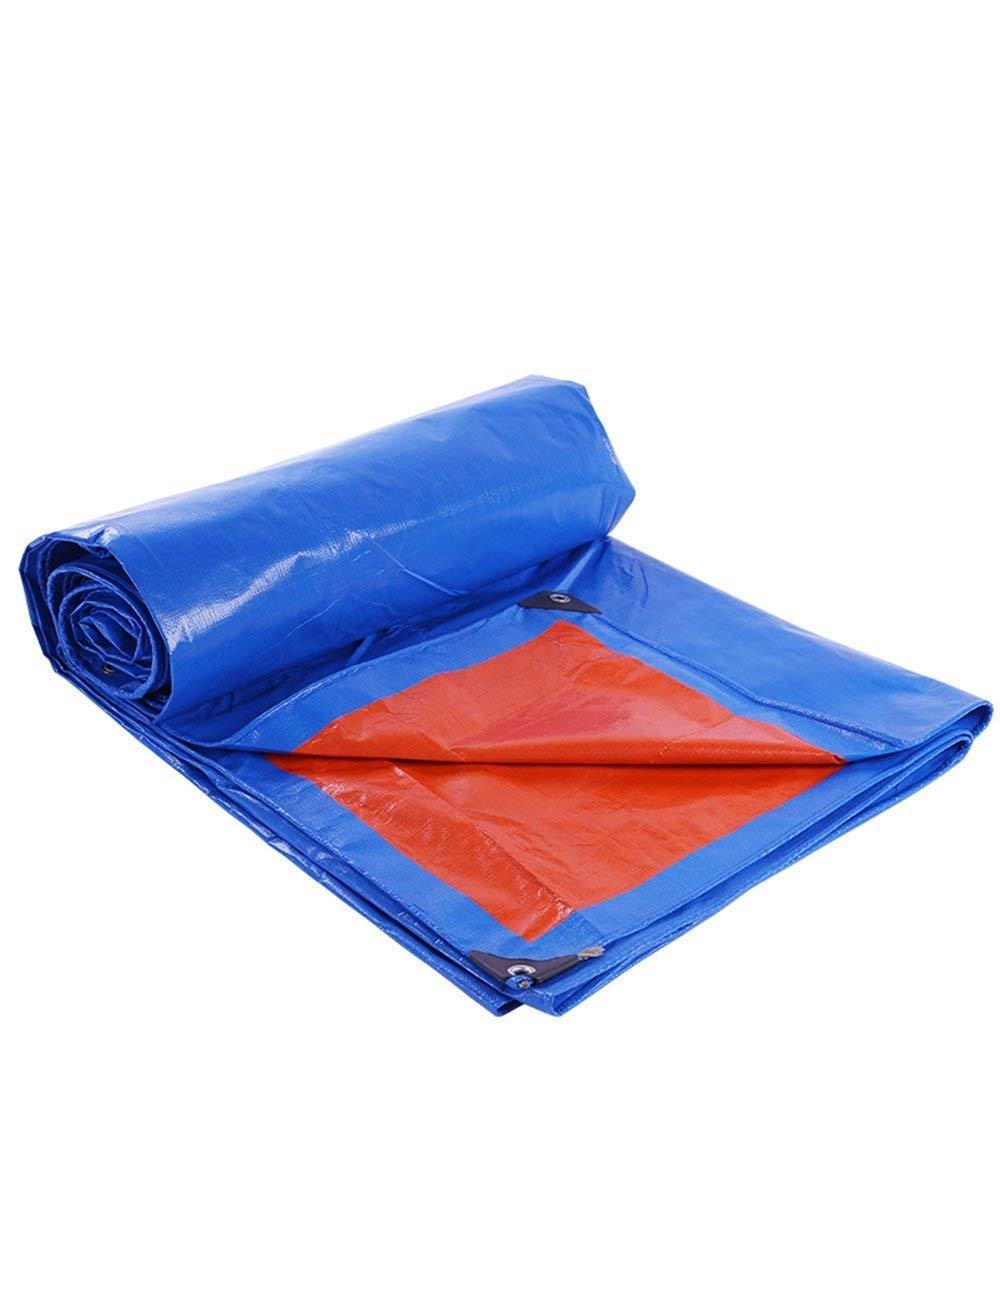 Blaues Rotes Wasserdichtes Planen-Zelt-kampierendes Segeltuch-Tarp-Überdachung im Freien